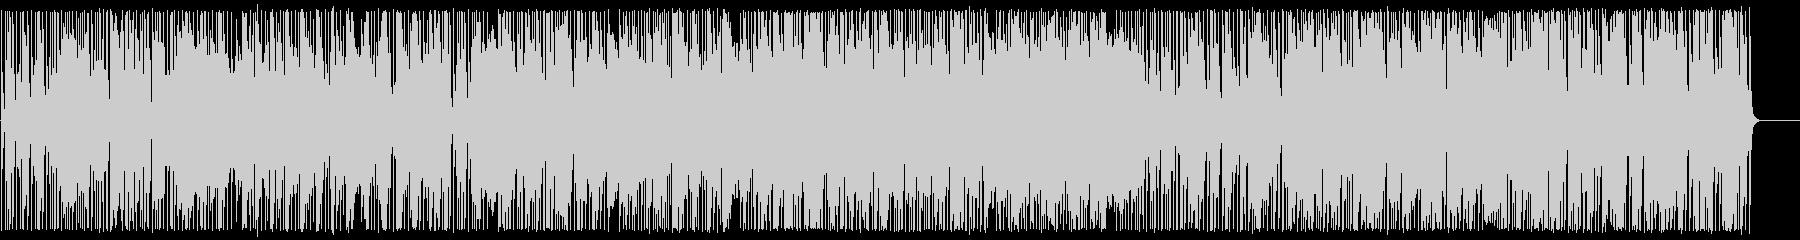 明るい雰囲気のR&Bインストゥルメ...の未再生の波形